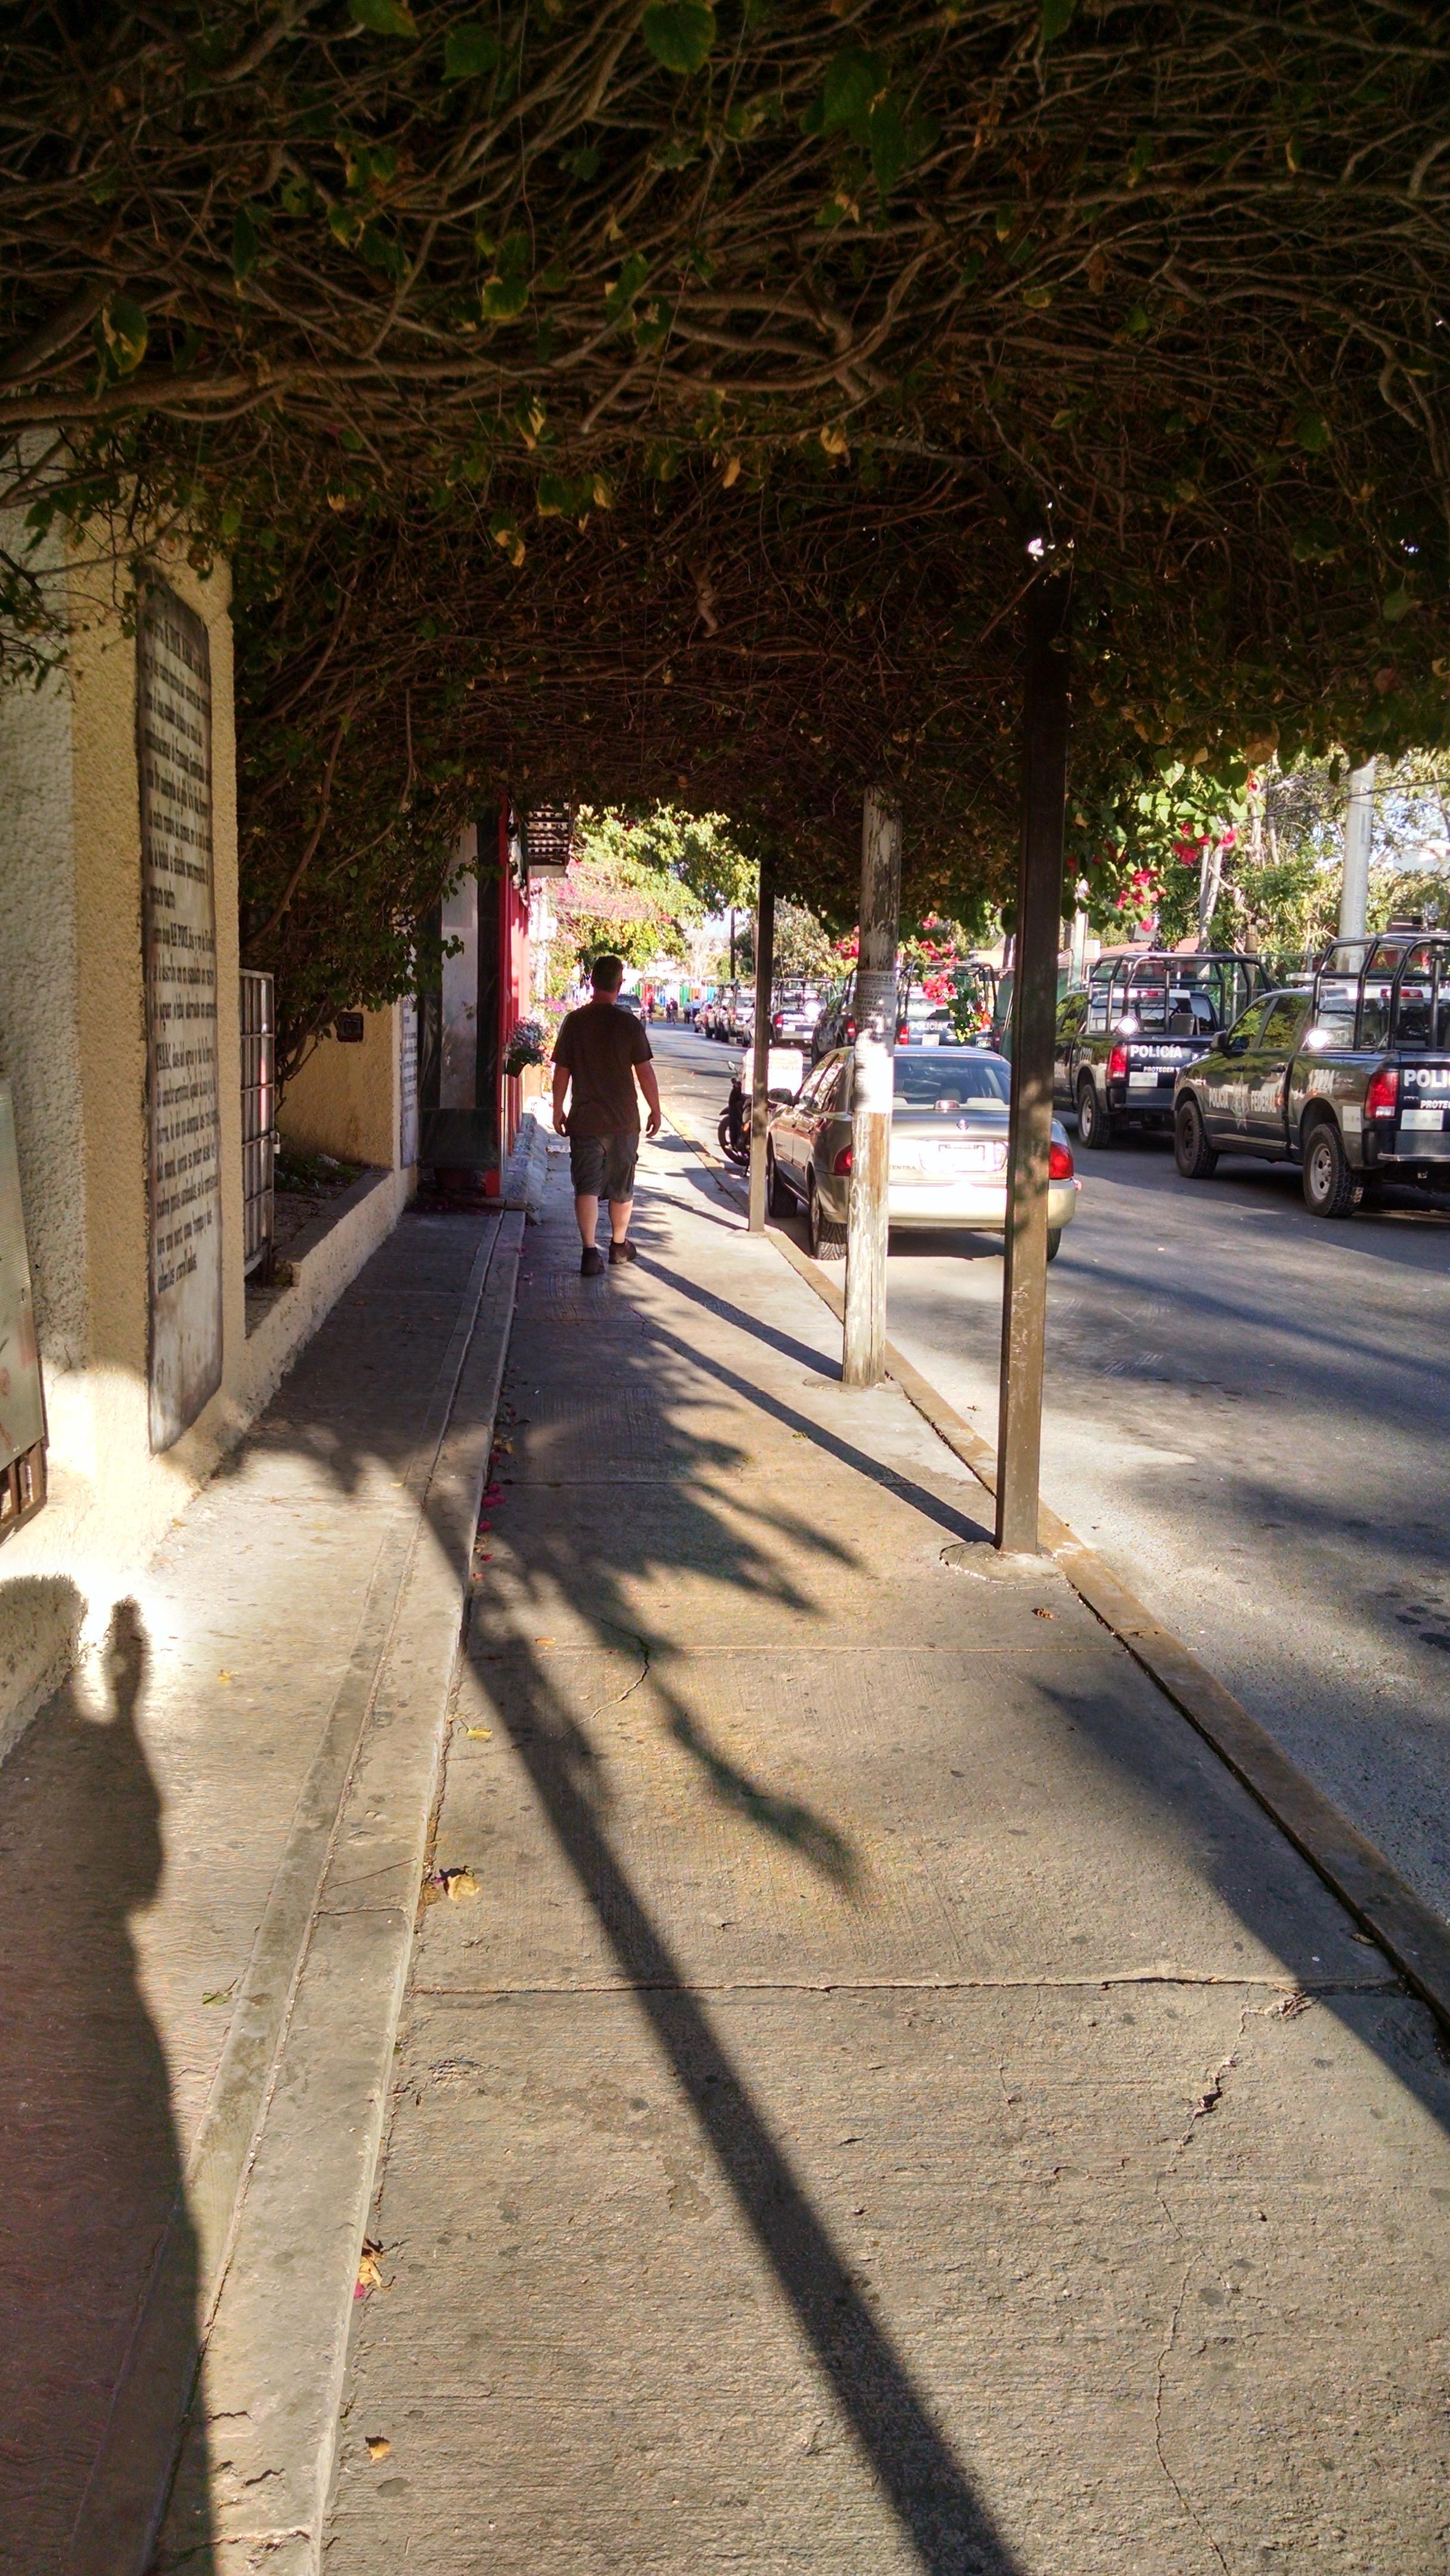 side street (parking)